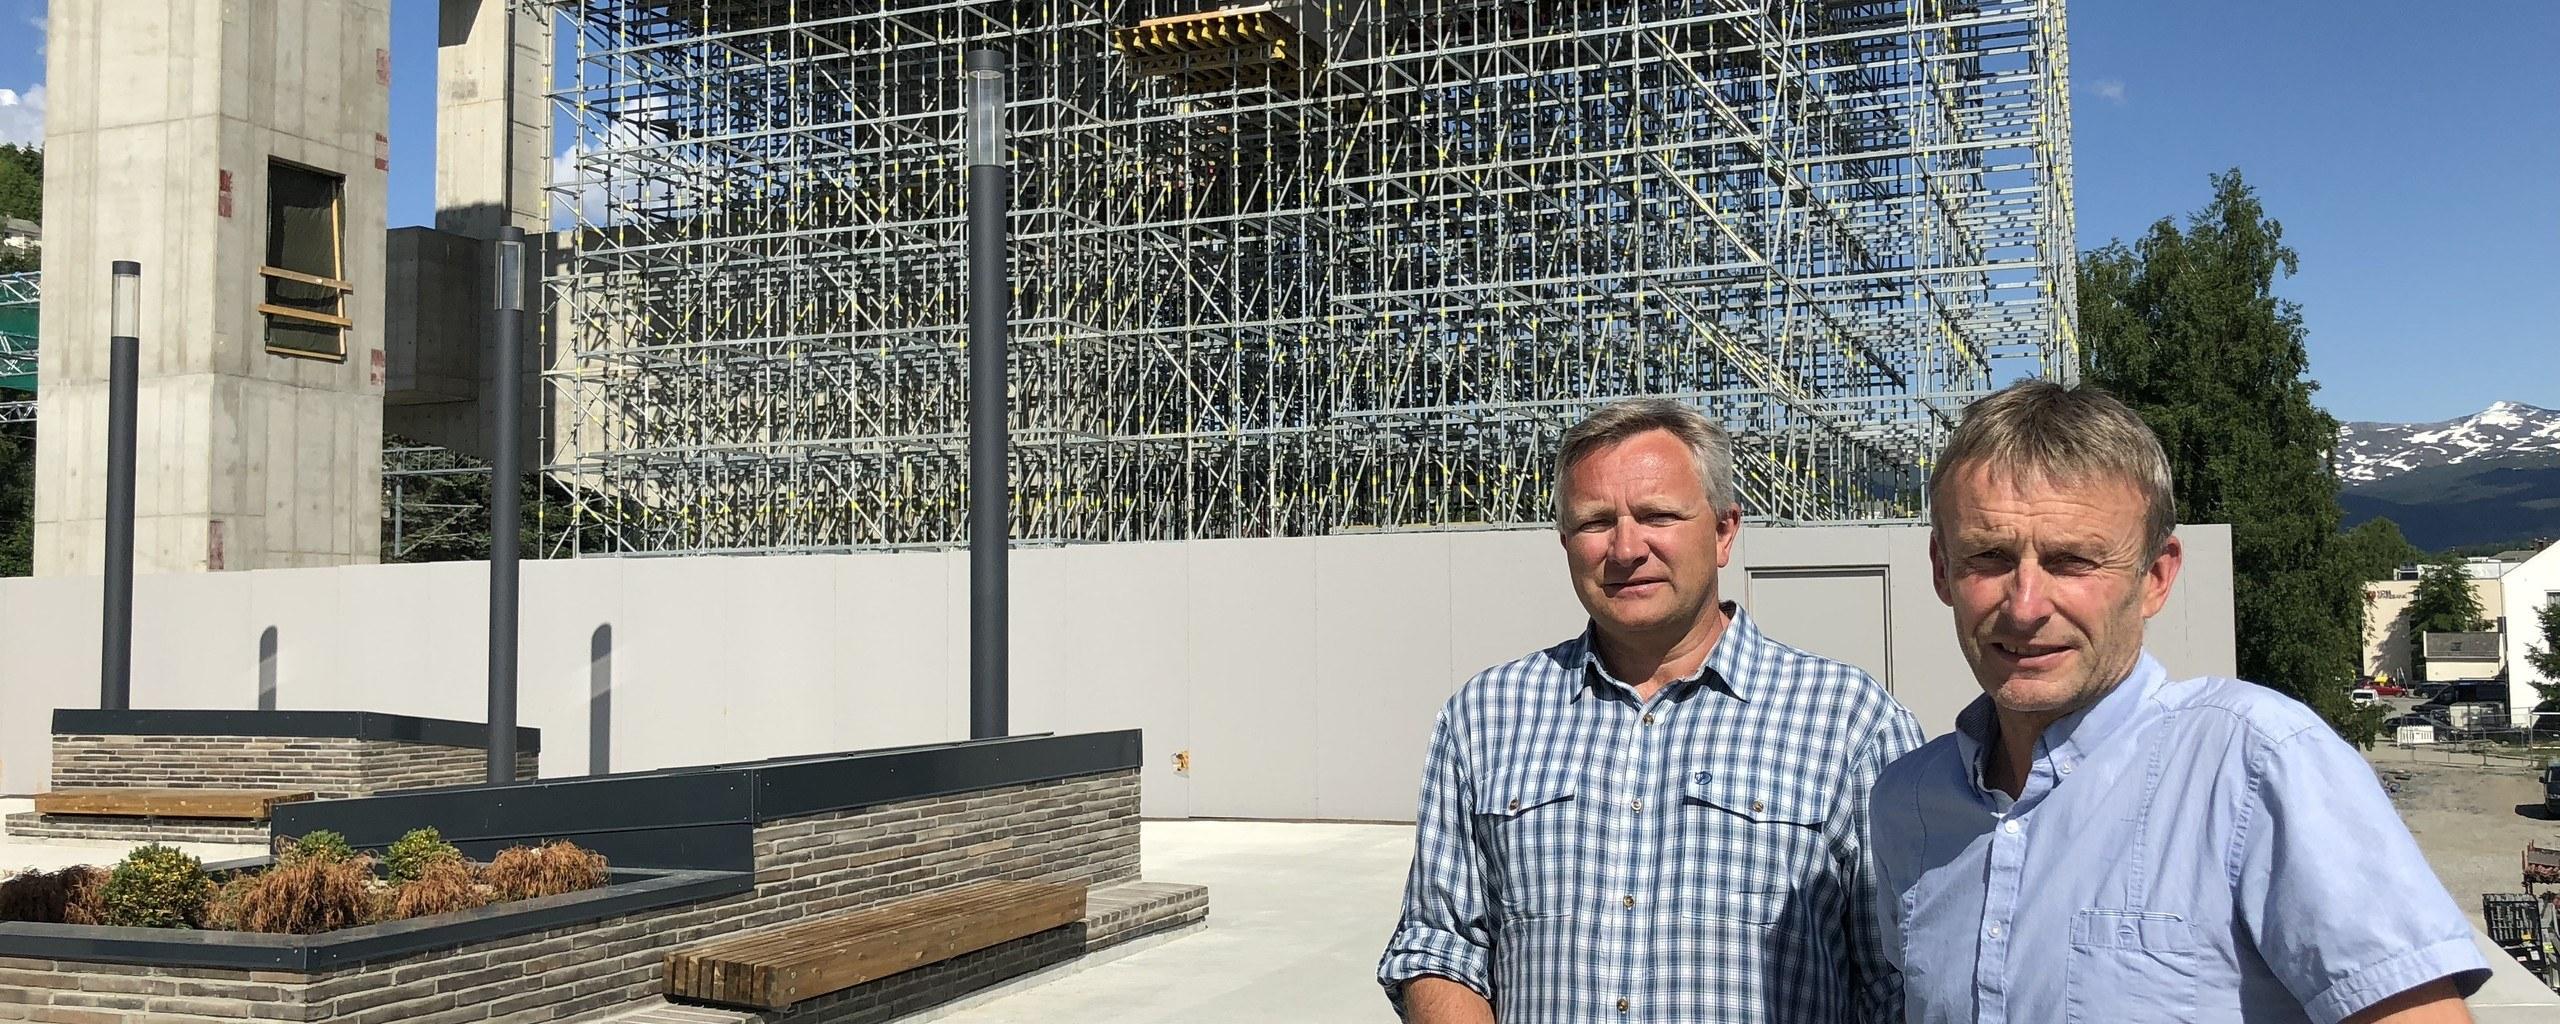 Managing Director in Voss Resort, Sigbjørn Slåtten and CEO in Voss Resort, Øyvind Wæhle, at the lower station